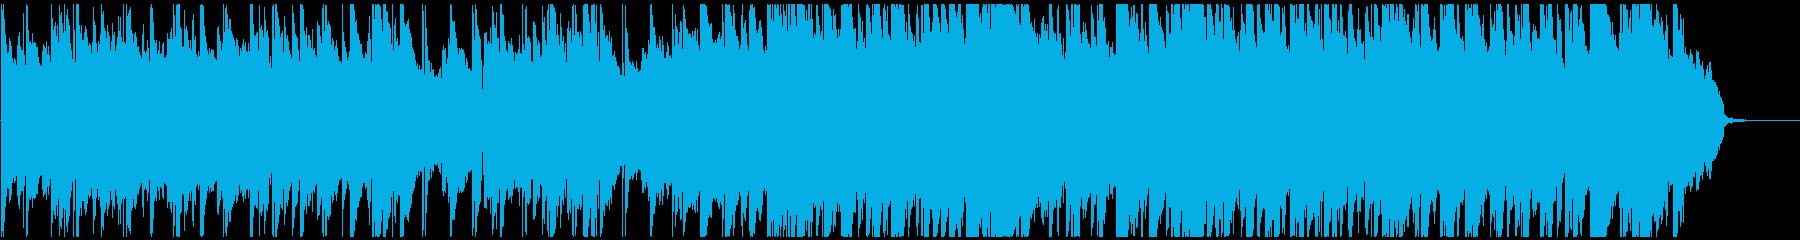 ピアノとストリングス主体の優しいバラードの再生済みの波形